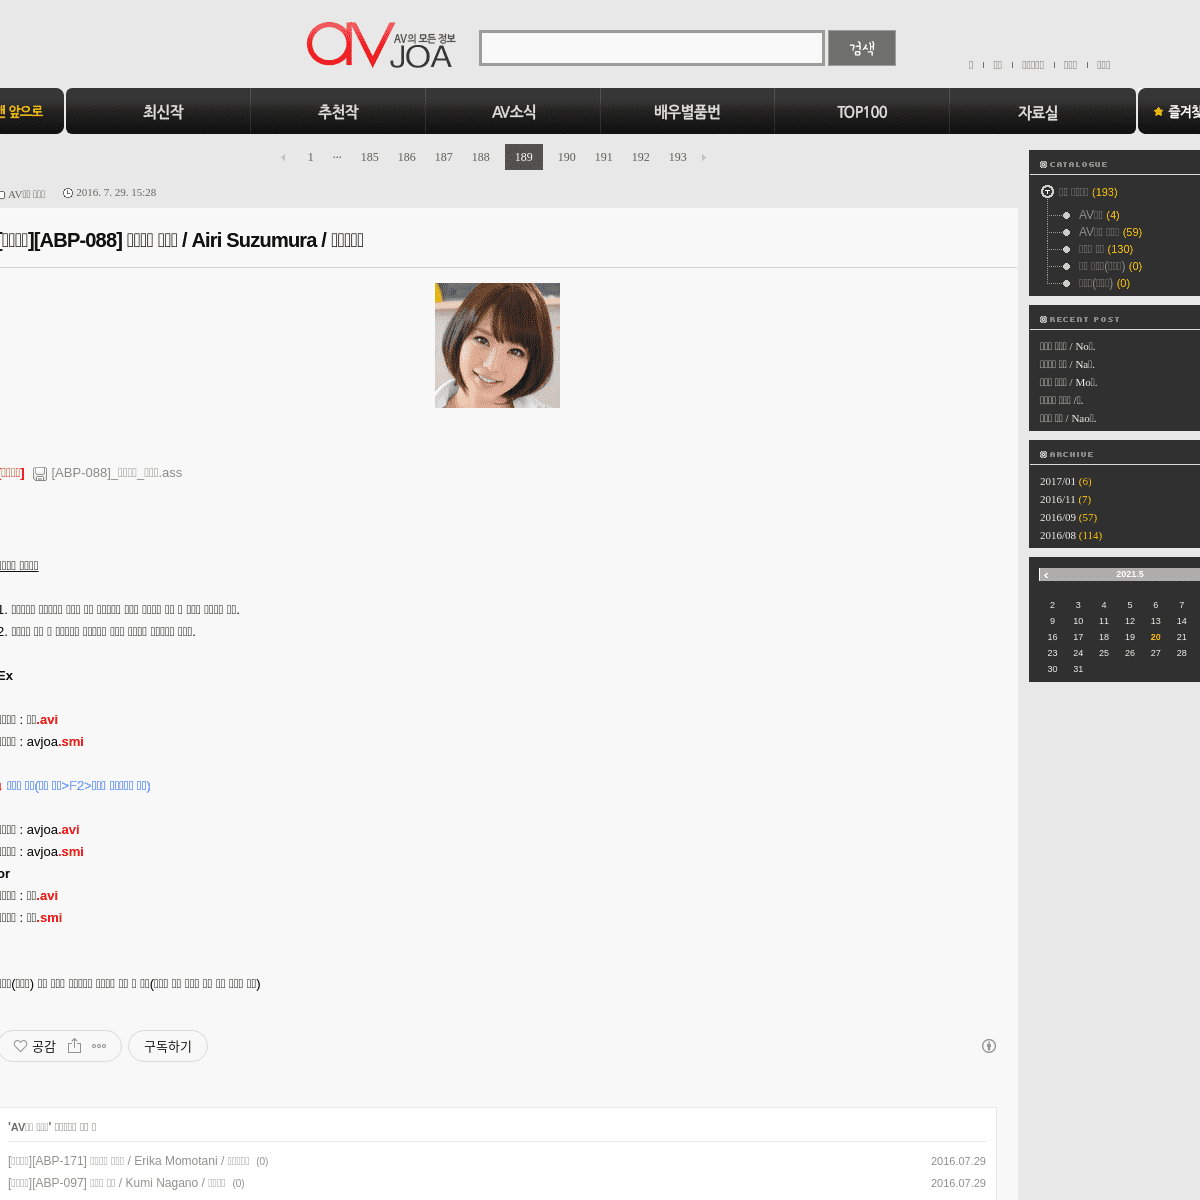 [한글자막][ABP-088] 스즈무라 아이리 - Airi Suzumura - 鈴村あいり -- AVjoa